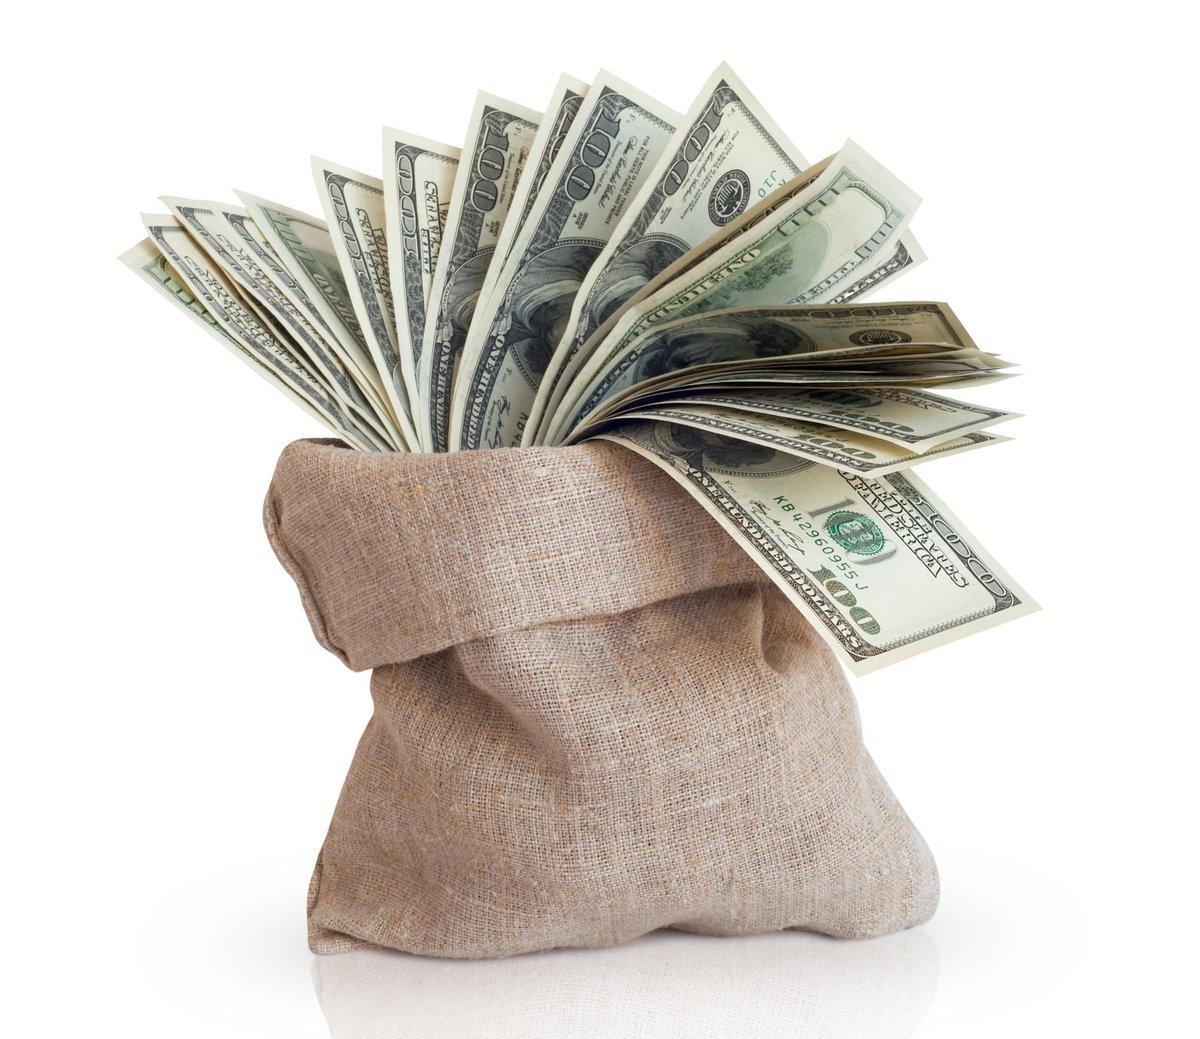 Burlap bag full of $100 bills